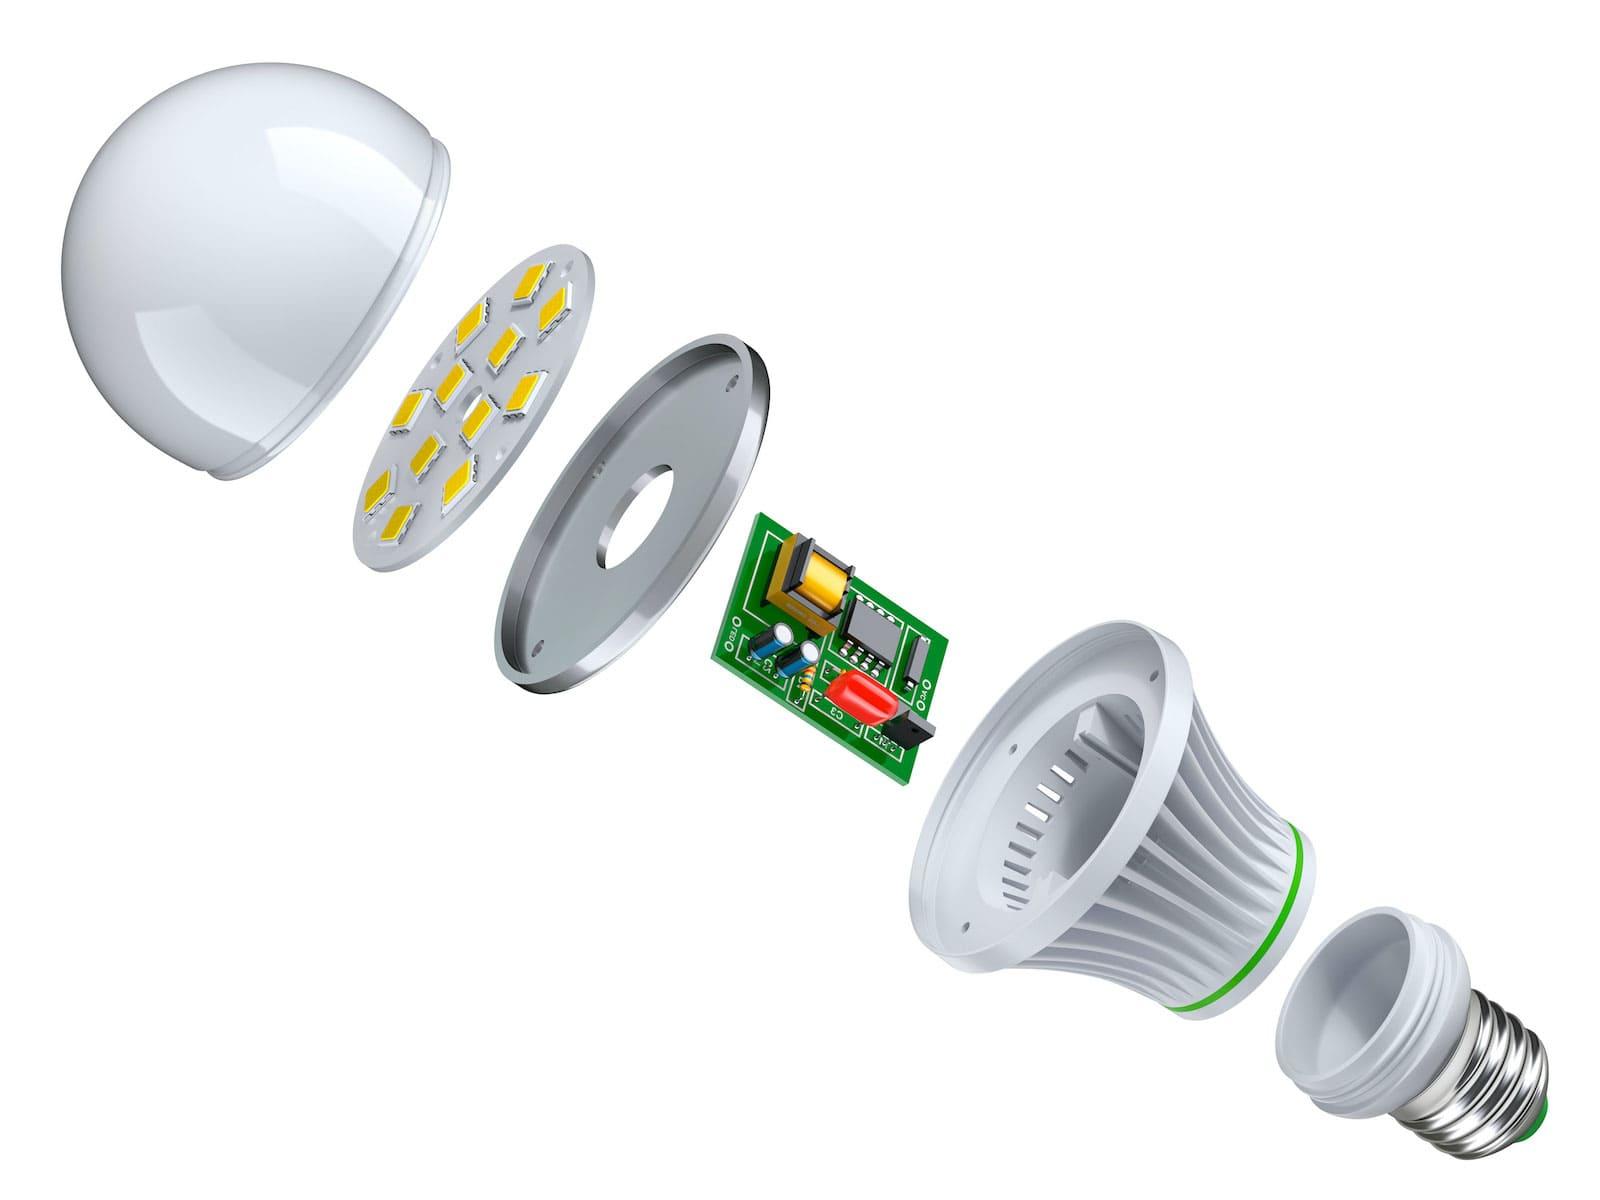 L'image montre de quoi est composée une ampoule à LED.